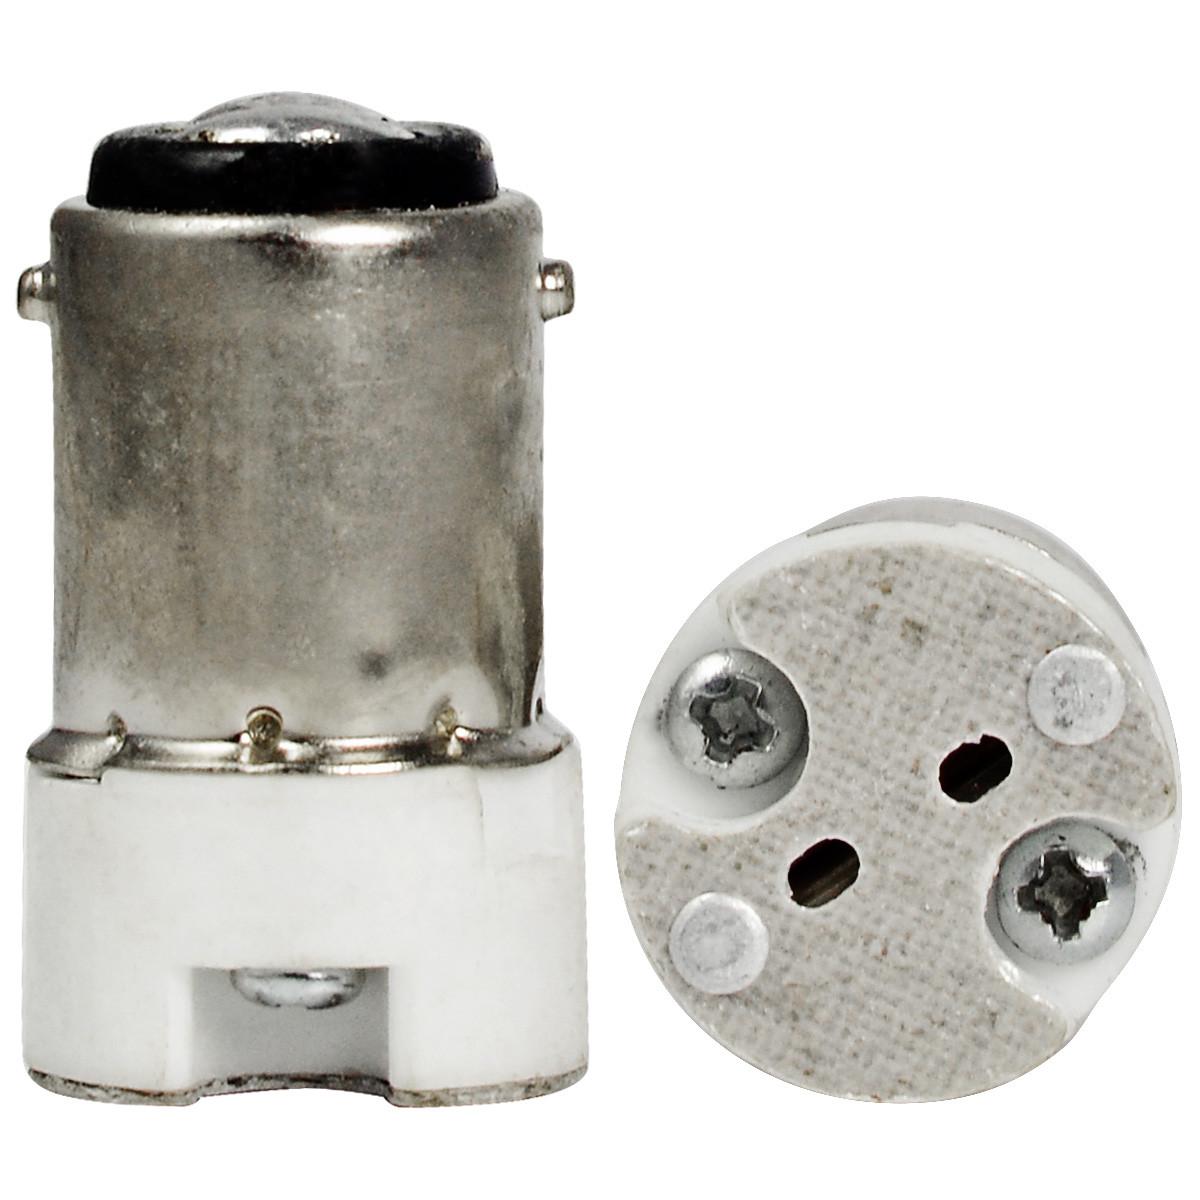 MENGS® High Quality Lamp Base Adapter BA15D To MR16 LED Light Bulb Socket Converter